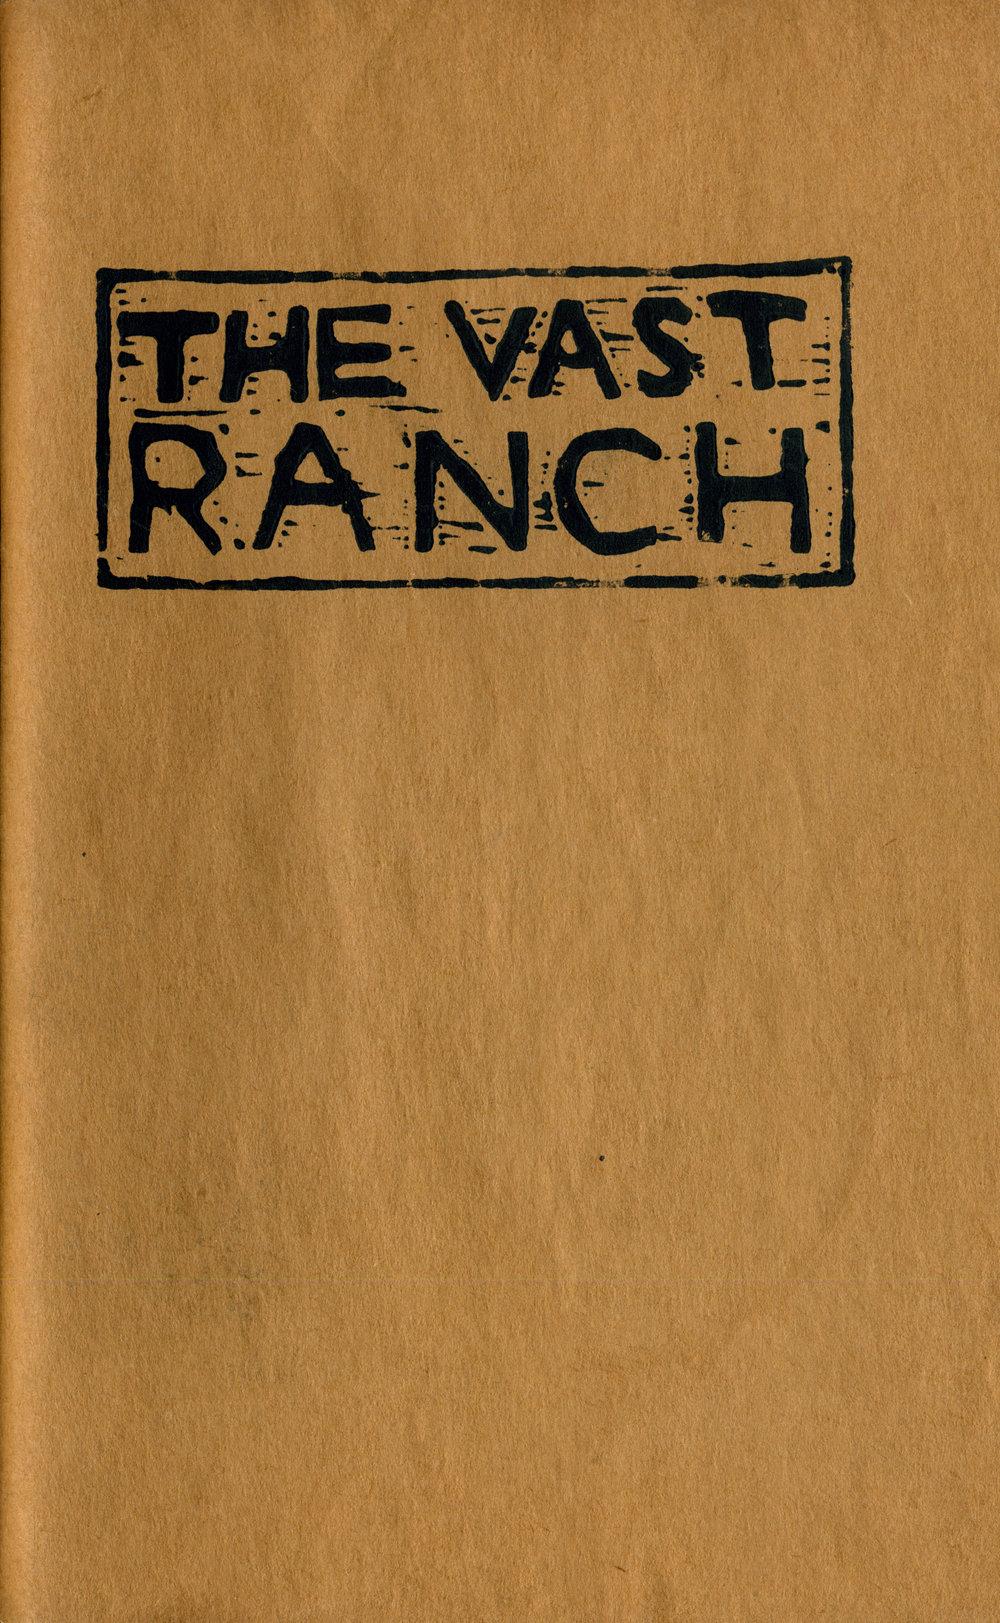 BOOKS_VastRanch.jpg